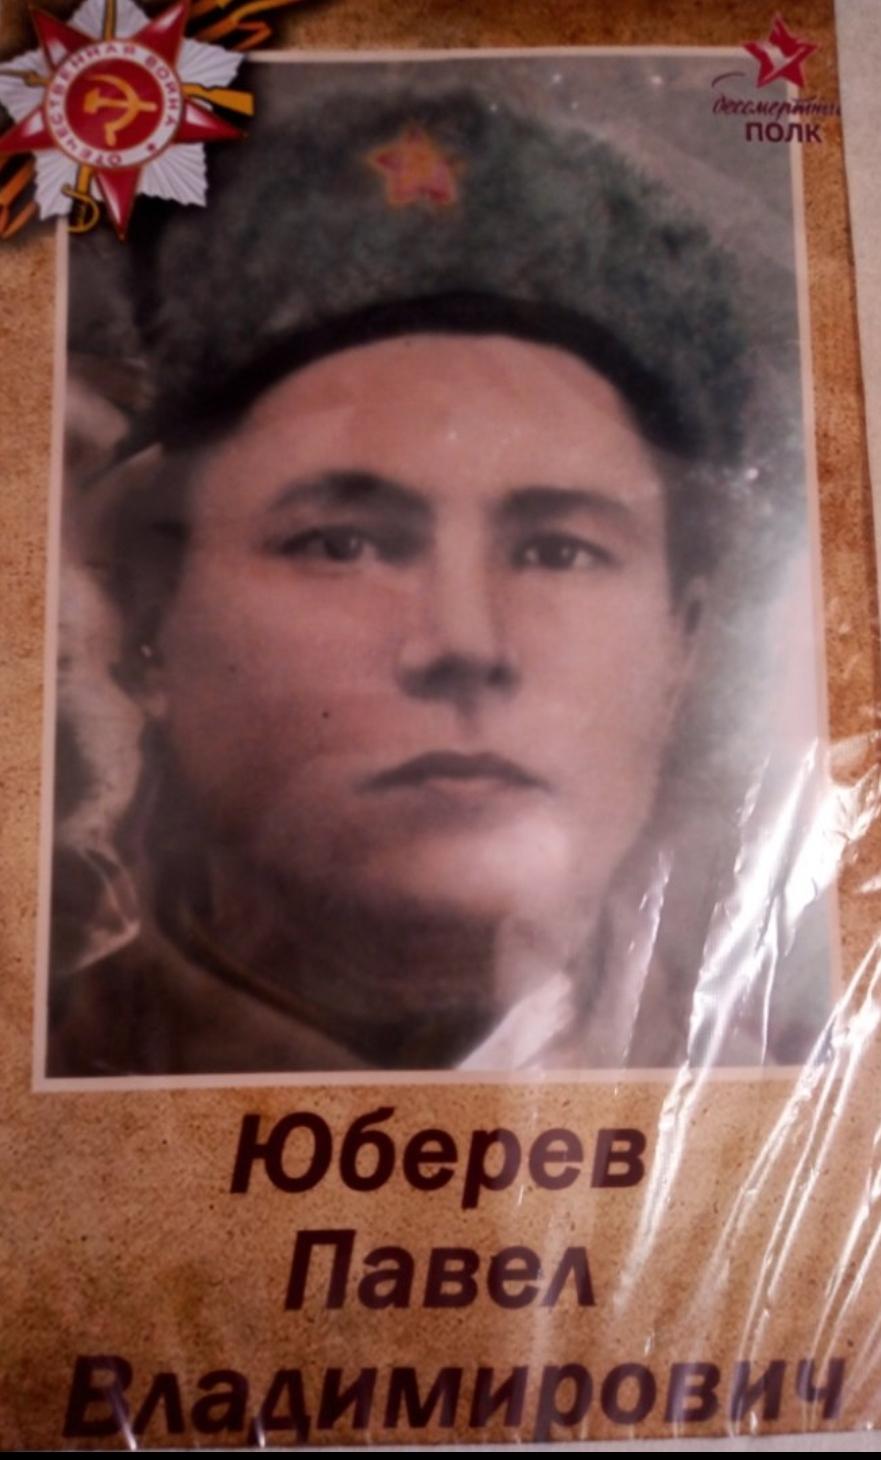 Юбирев Павел Владимирович